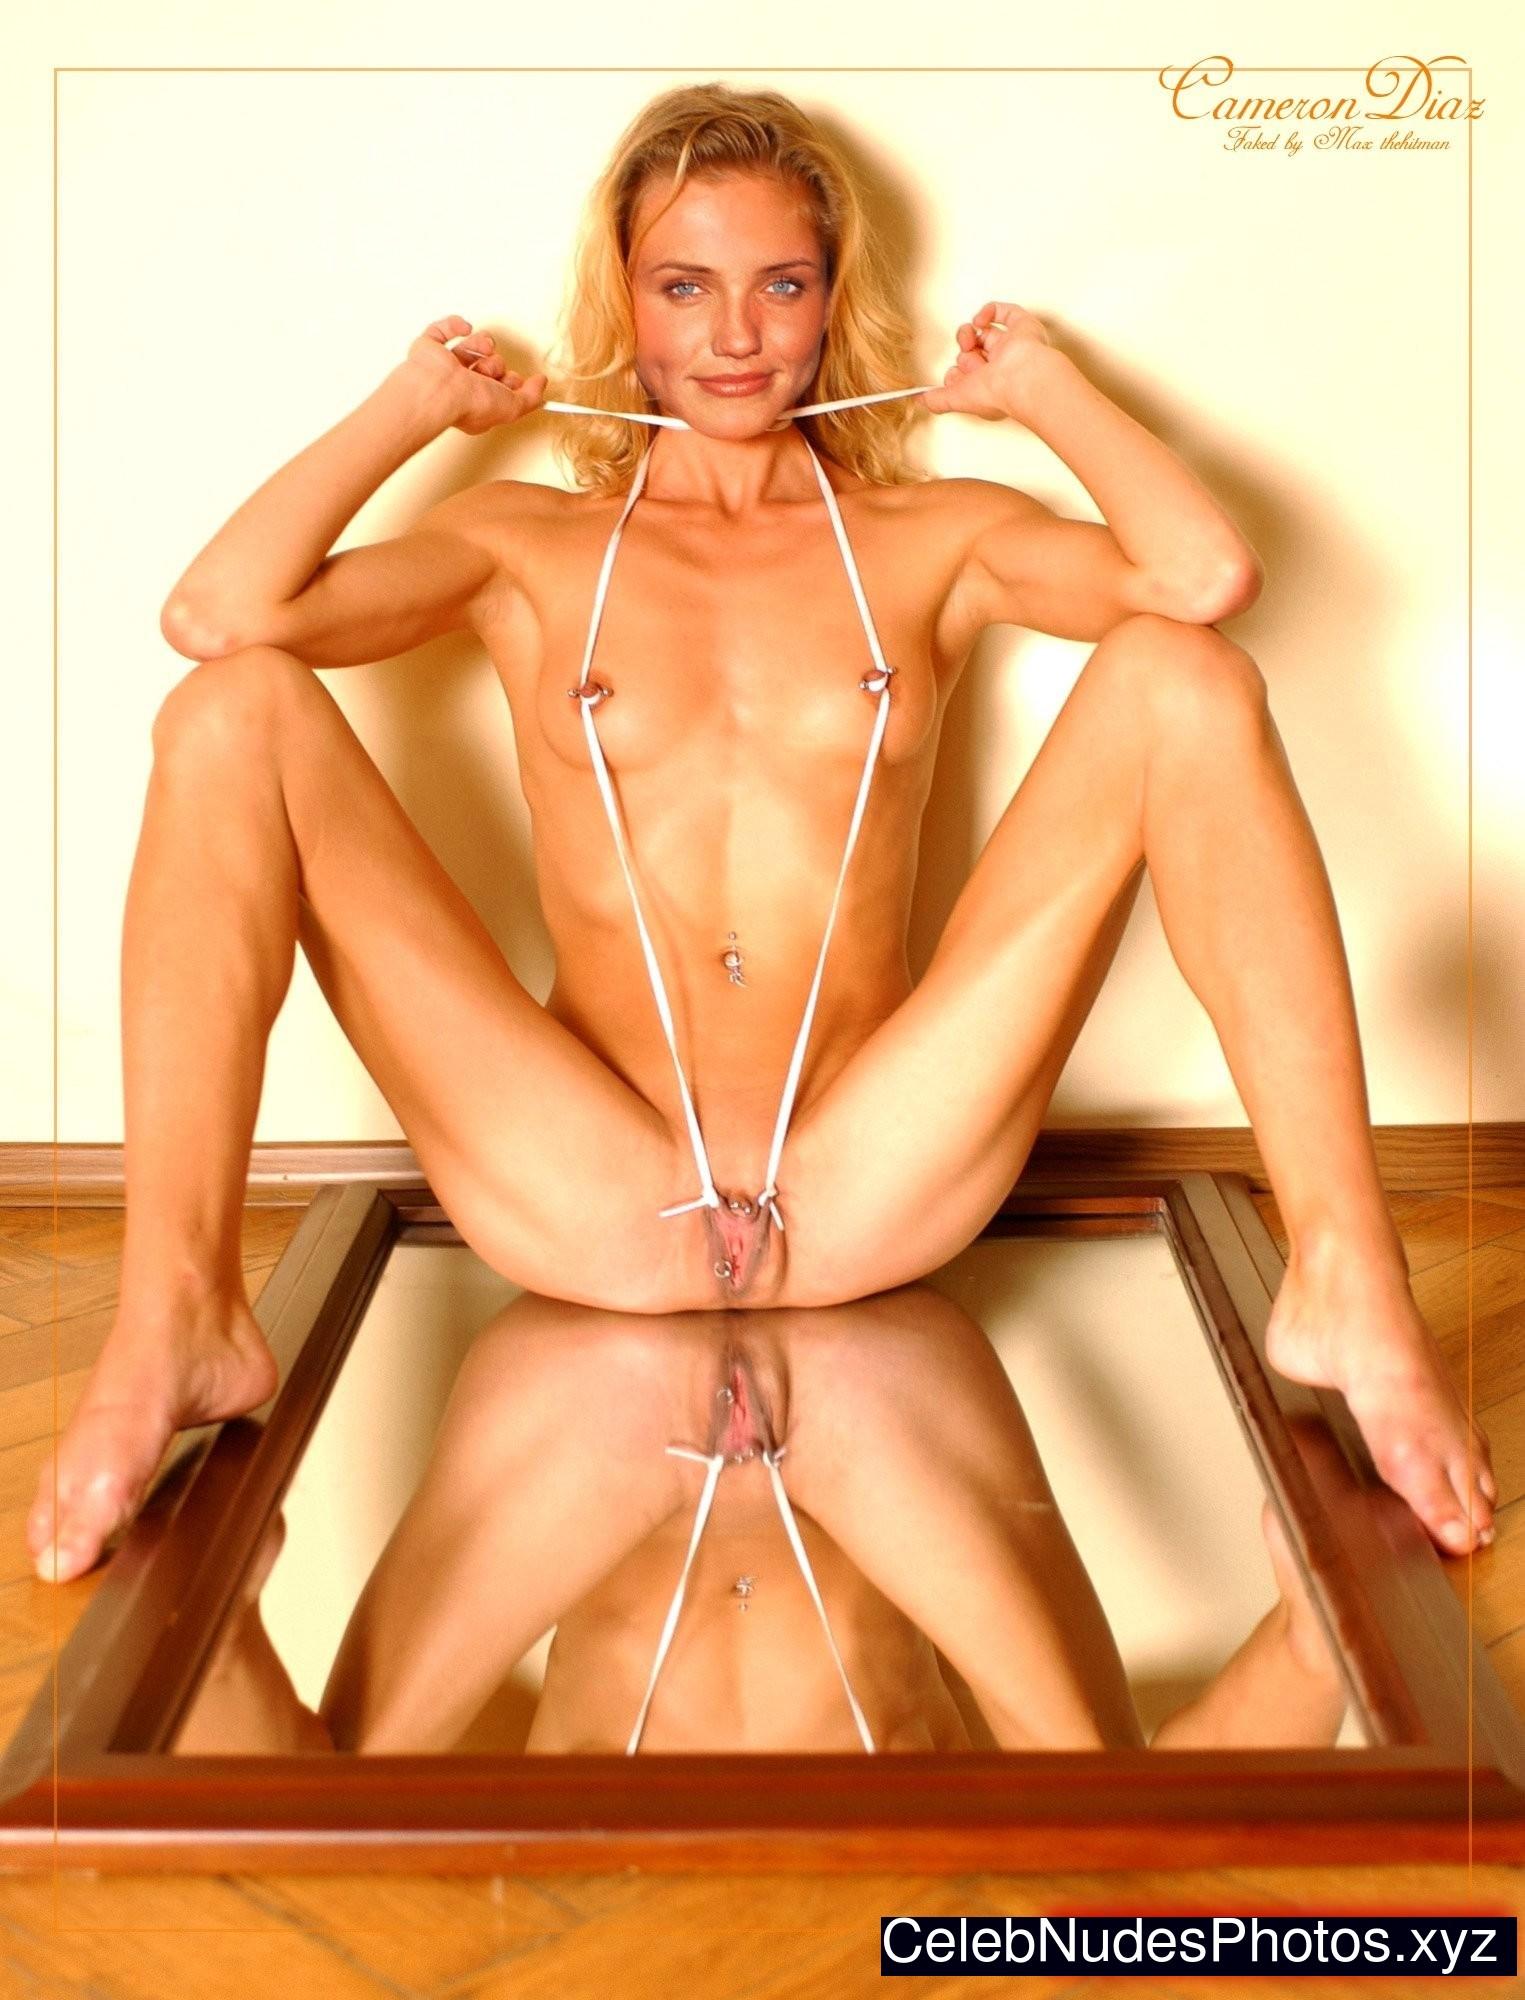 cameron diaz nude fake gallery